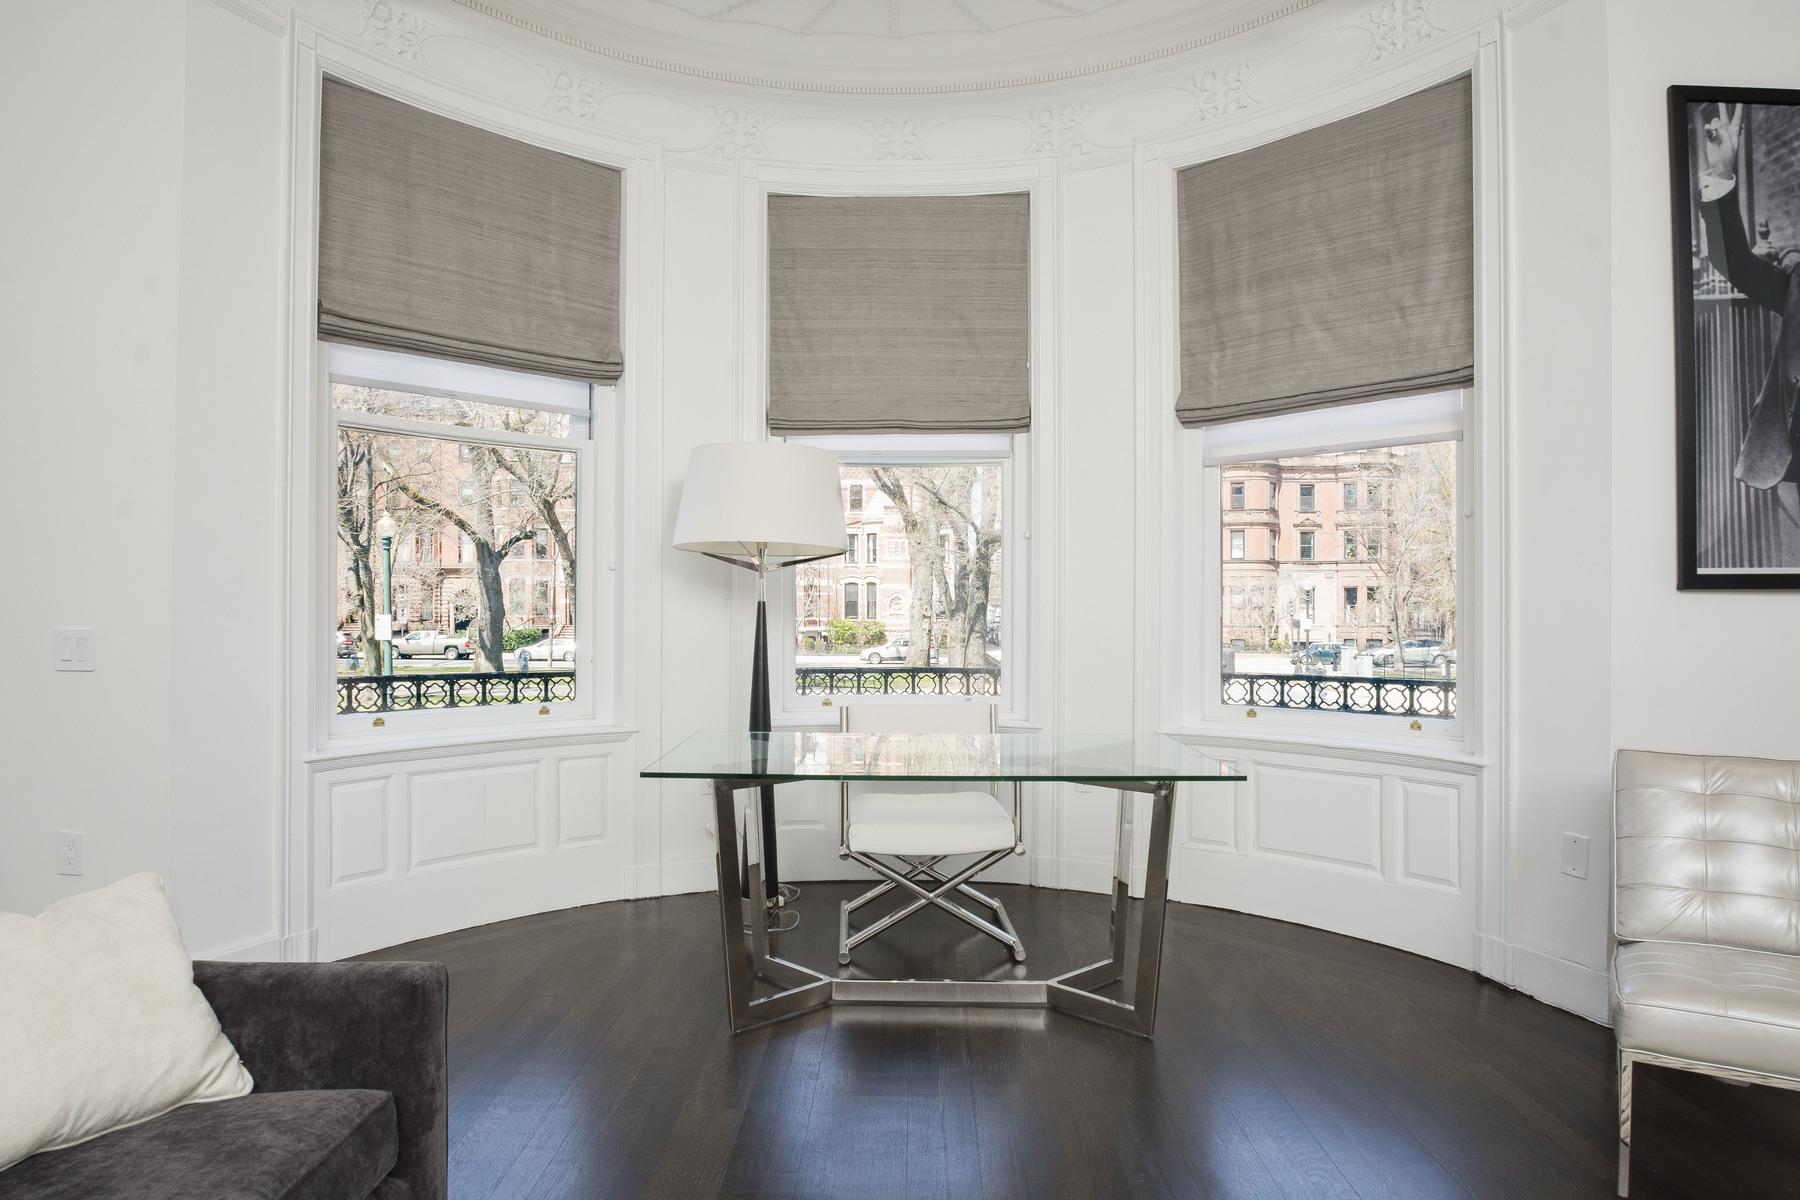 共管式独立产权公寓 为 销售 在 Elegantly Restored Duplex in Back Bay 29 Fairfield Street - Unit 1A 波士顿, 马萨诸塞州 02116 美国